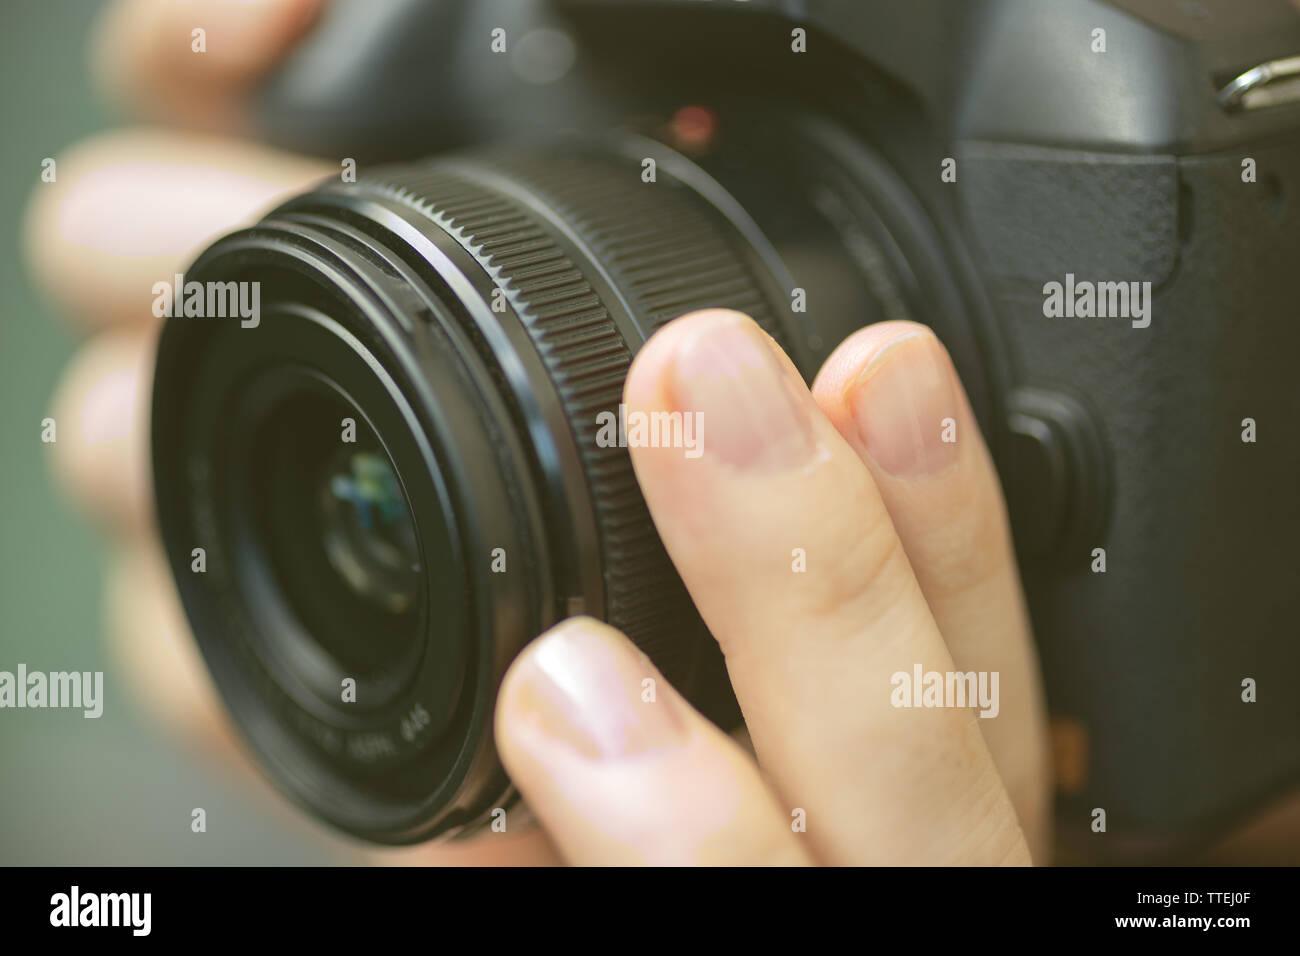 Fotógrafo manos sosteniendo una cámara digital, centrándose y tomando fotos, macro closeup Foto de stock